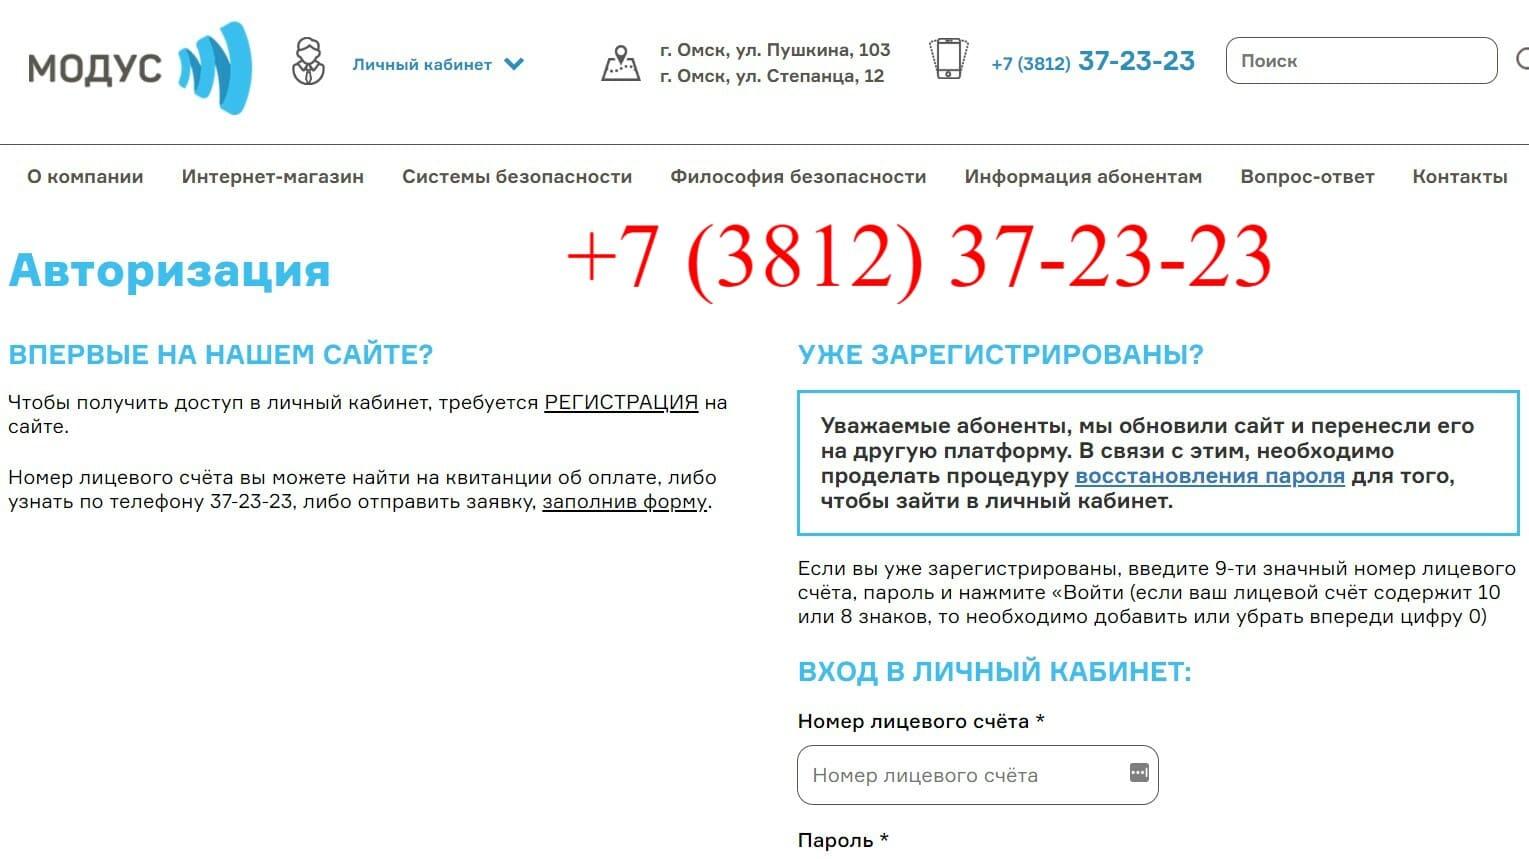 Модус Омск личный кабинет